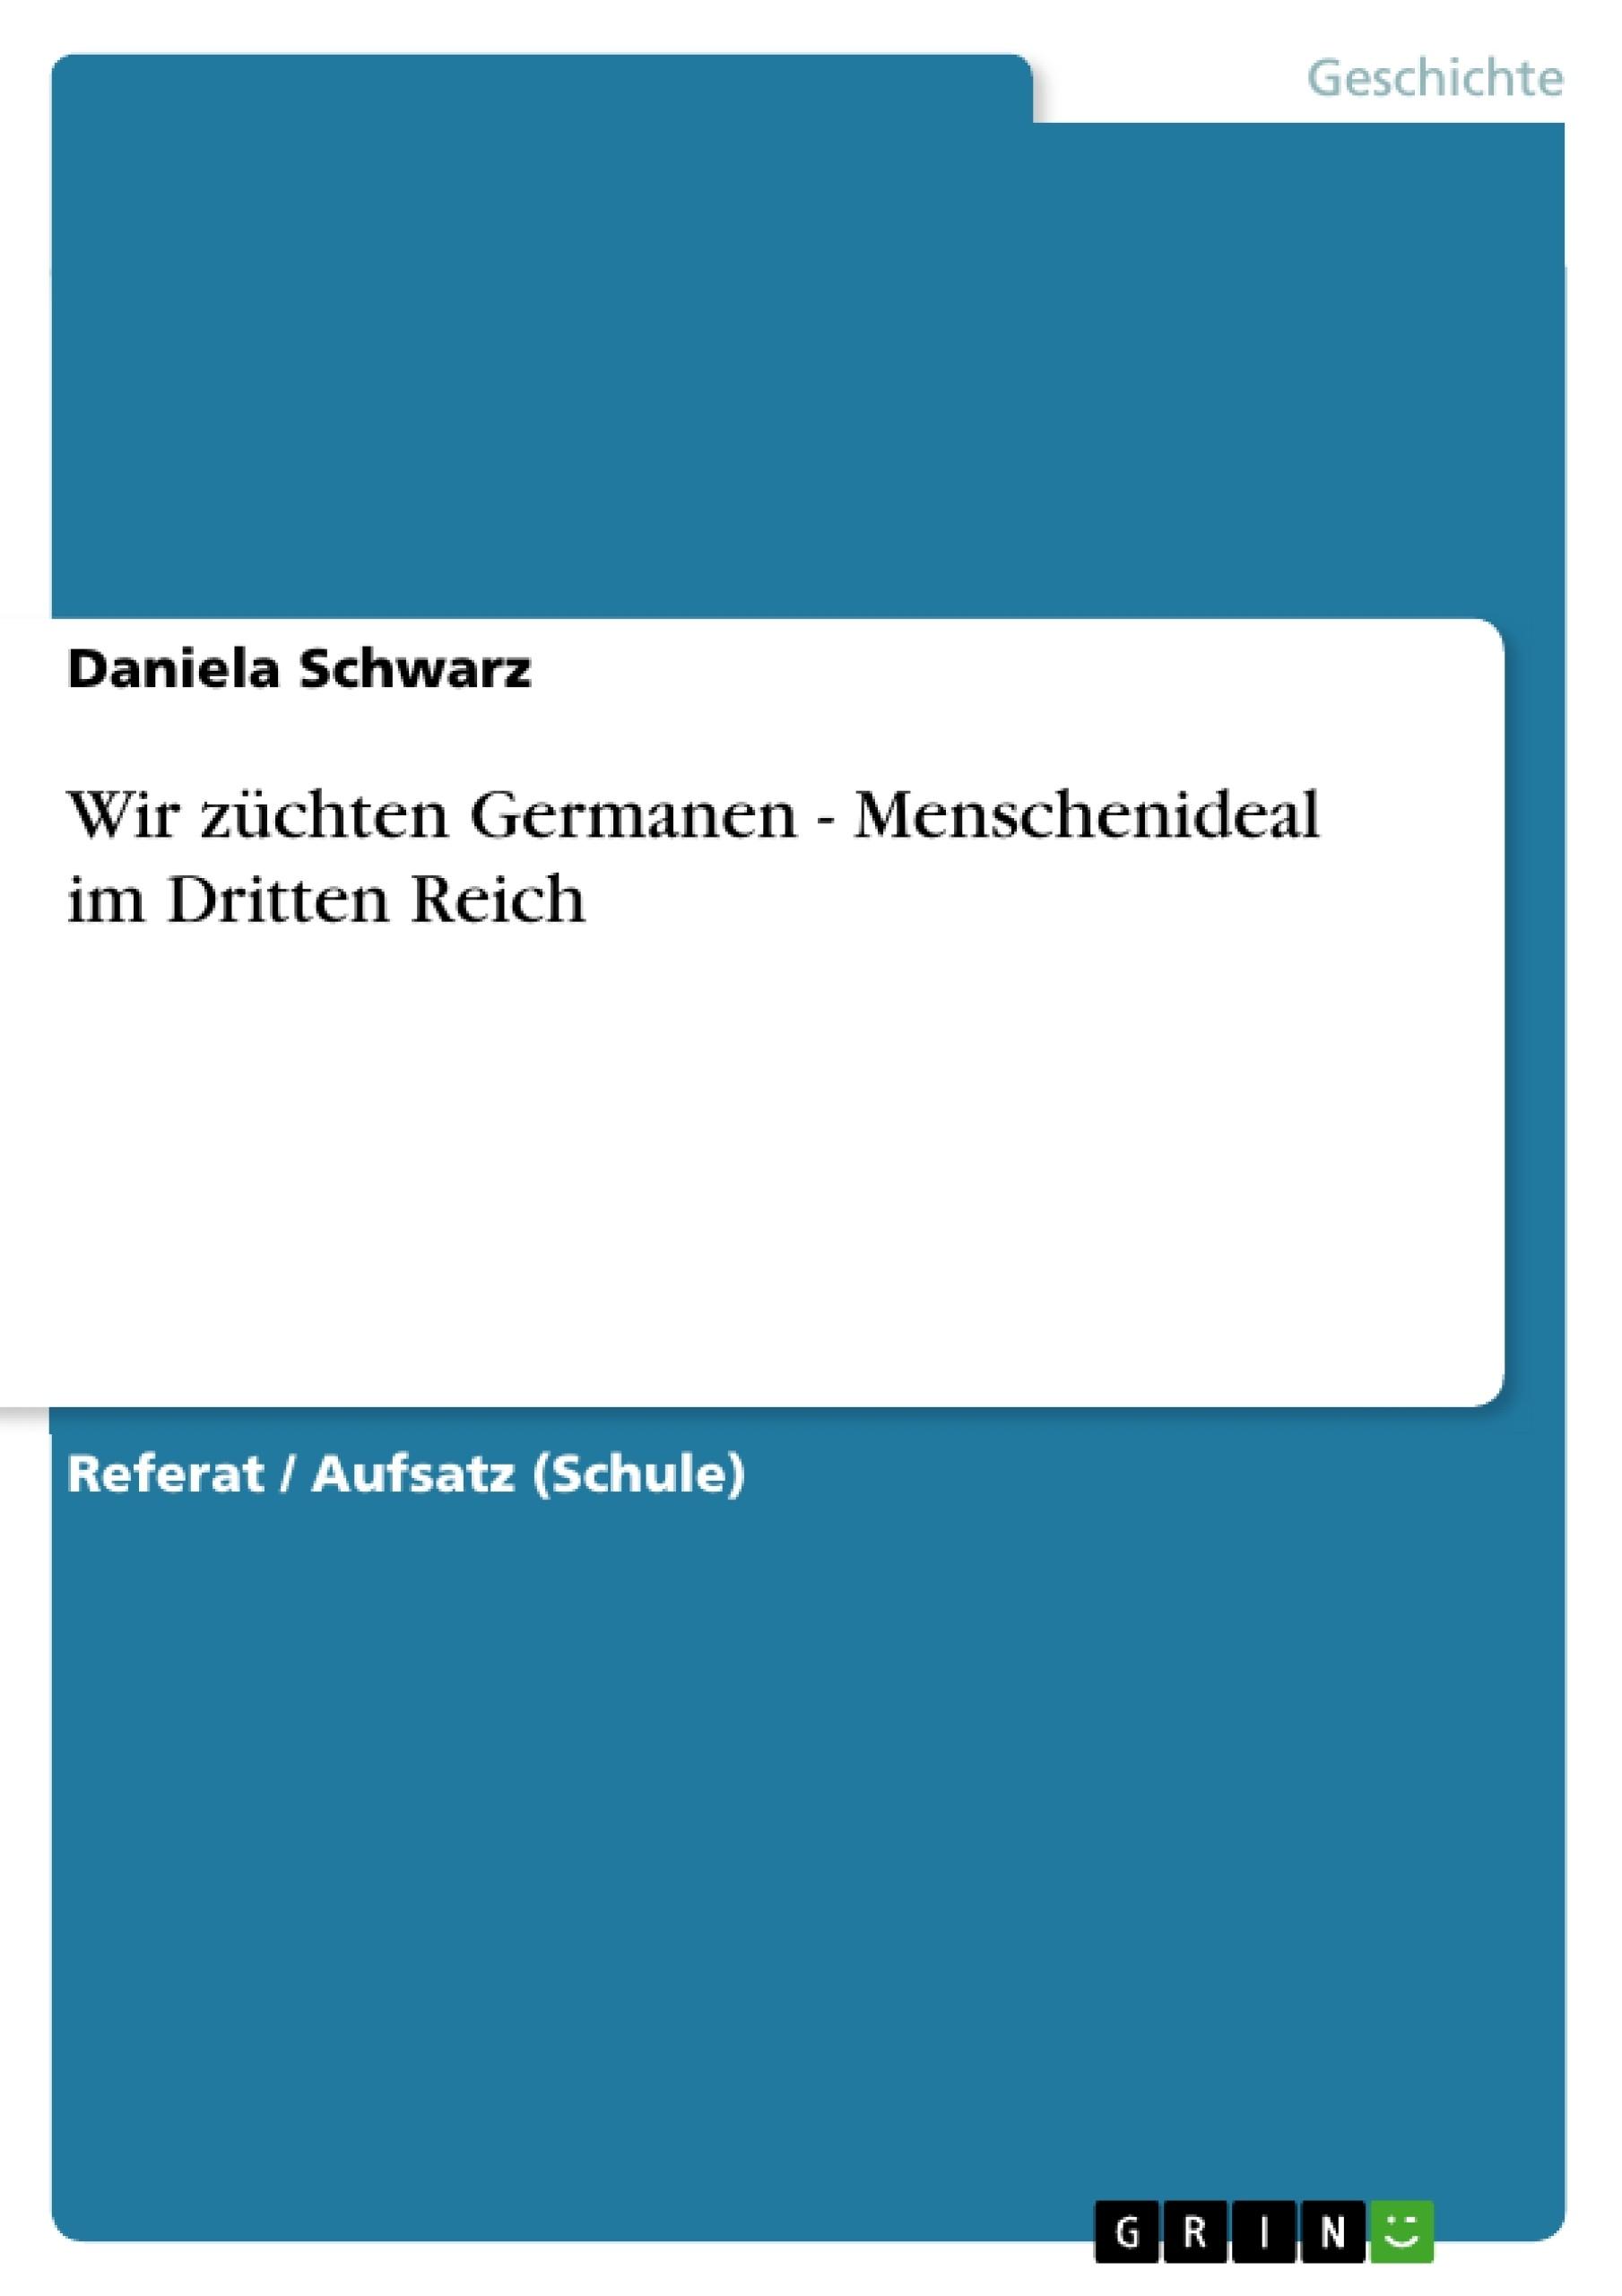 Titel: Wir züchten Germanen - Menschenideal im Dritten Reich